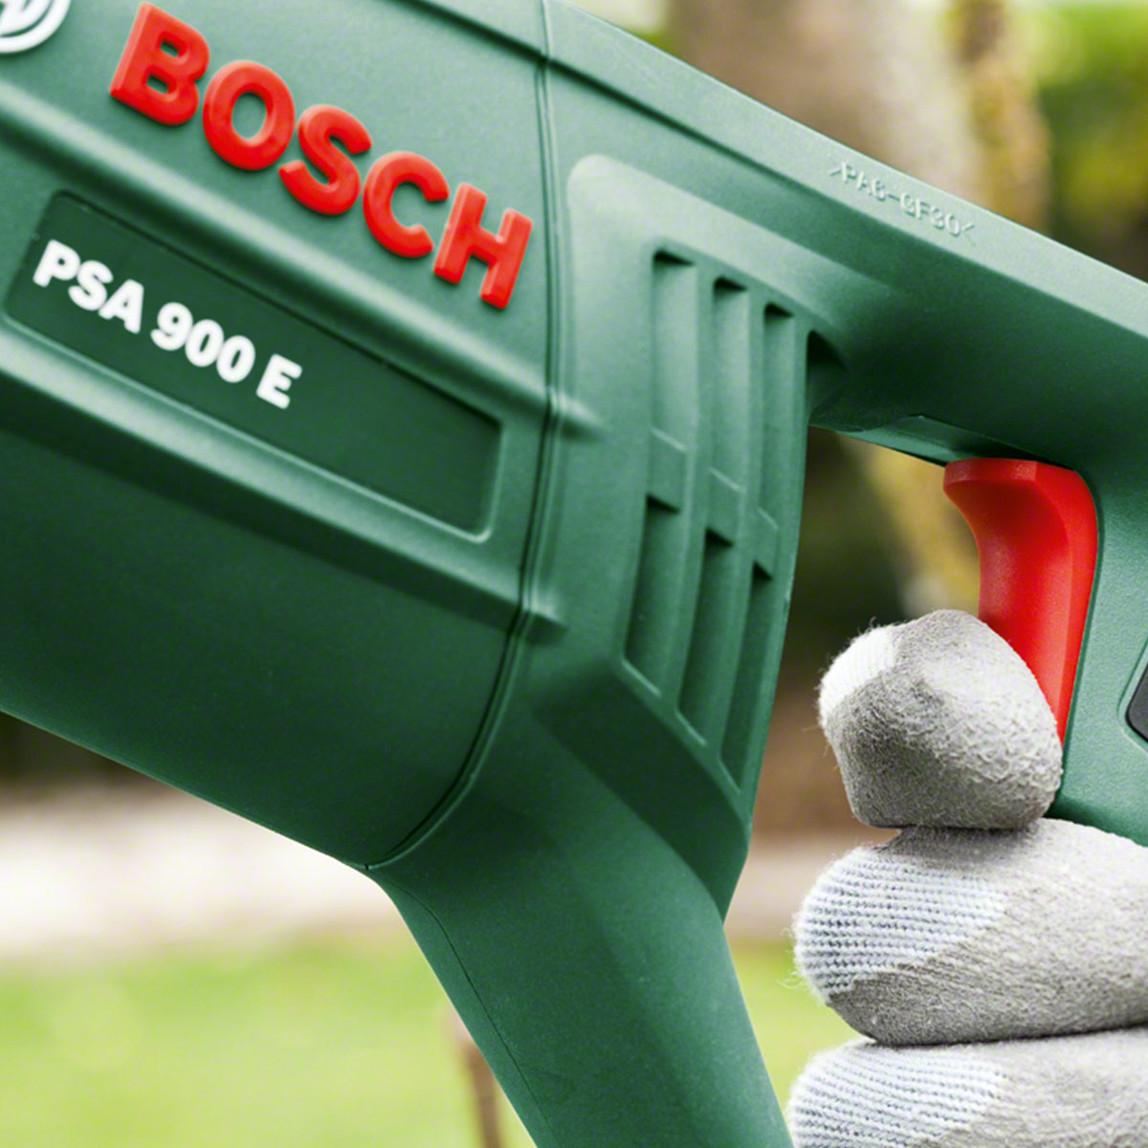 Bosch PSA900E 900W Tilki Kuyruğu Testere